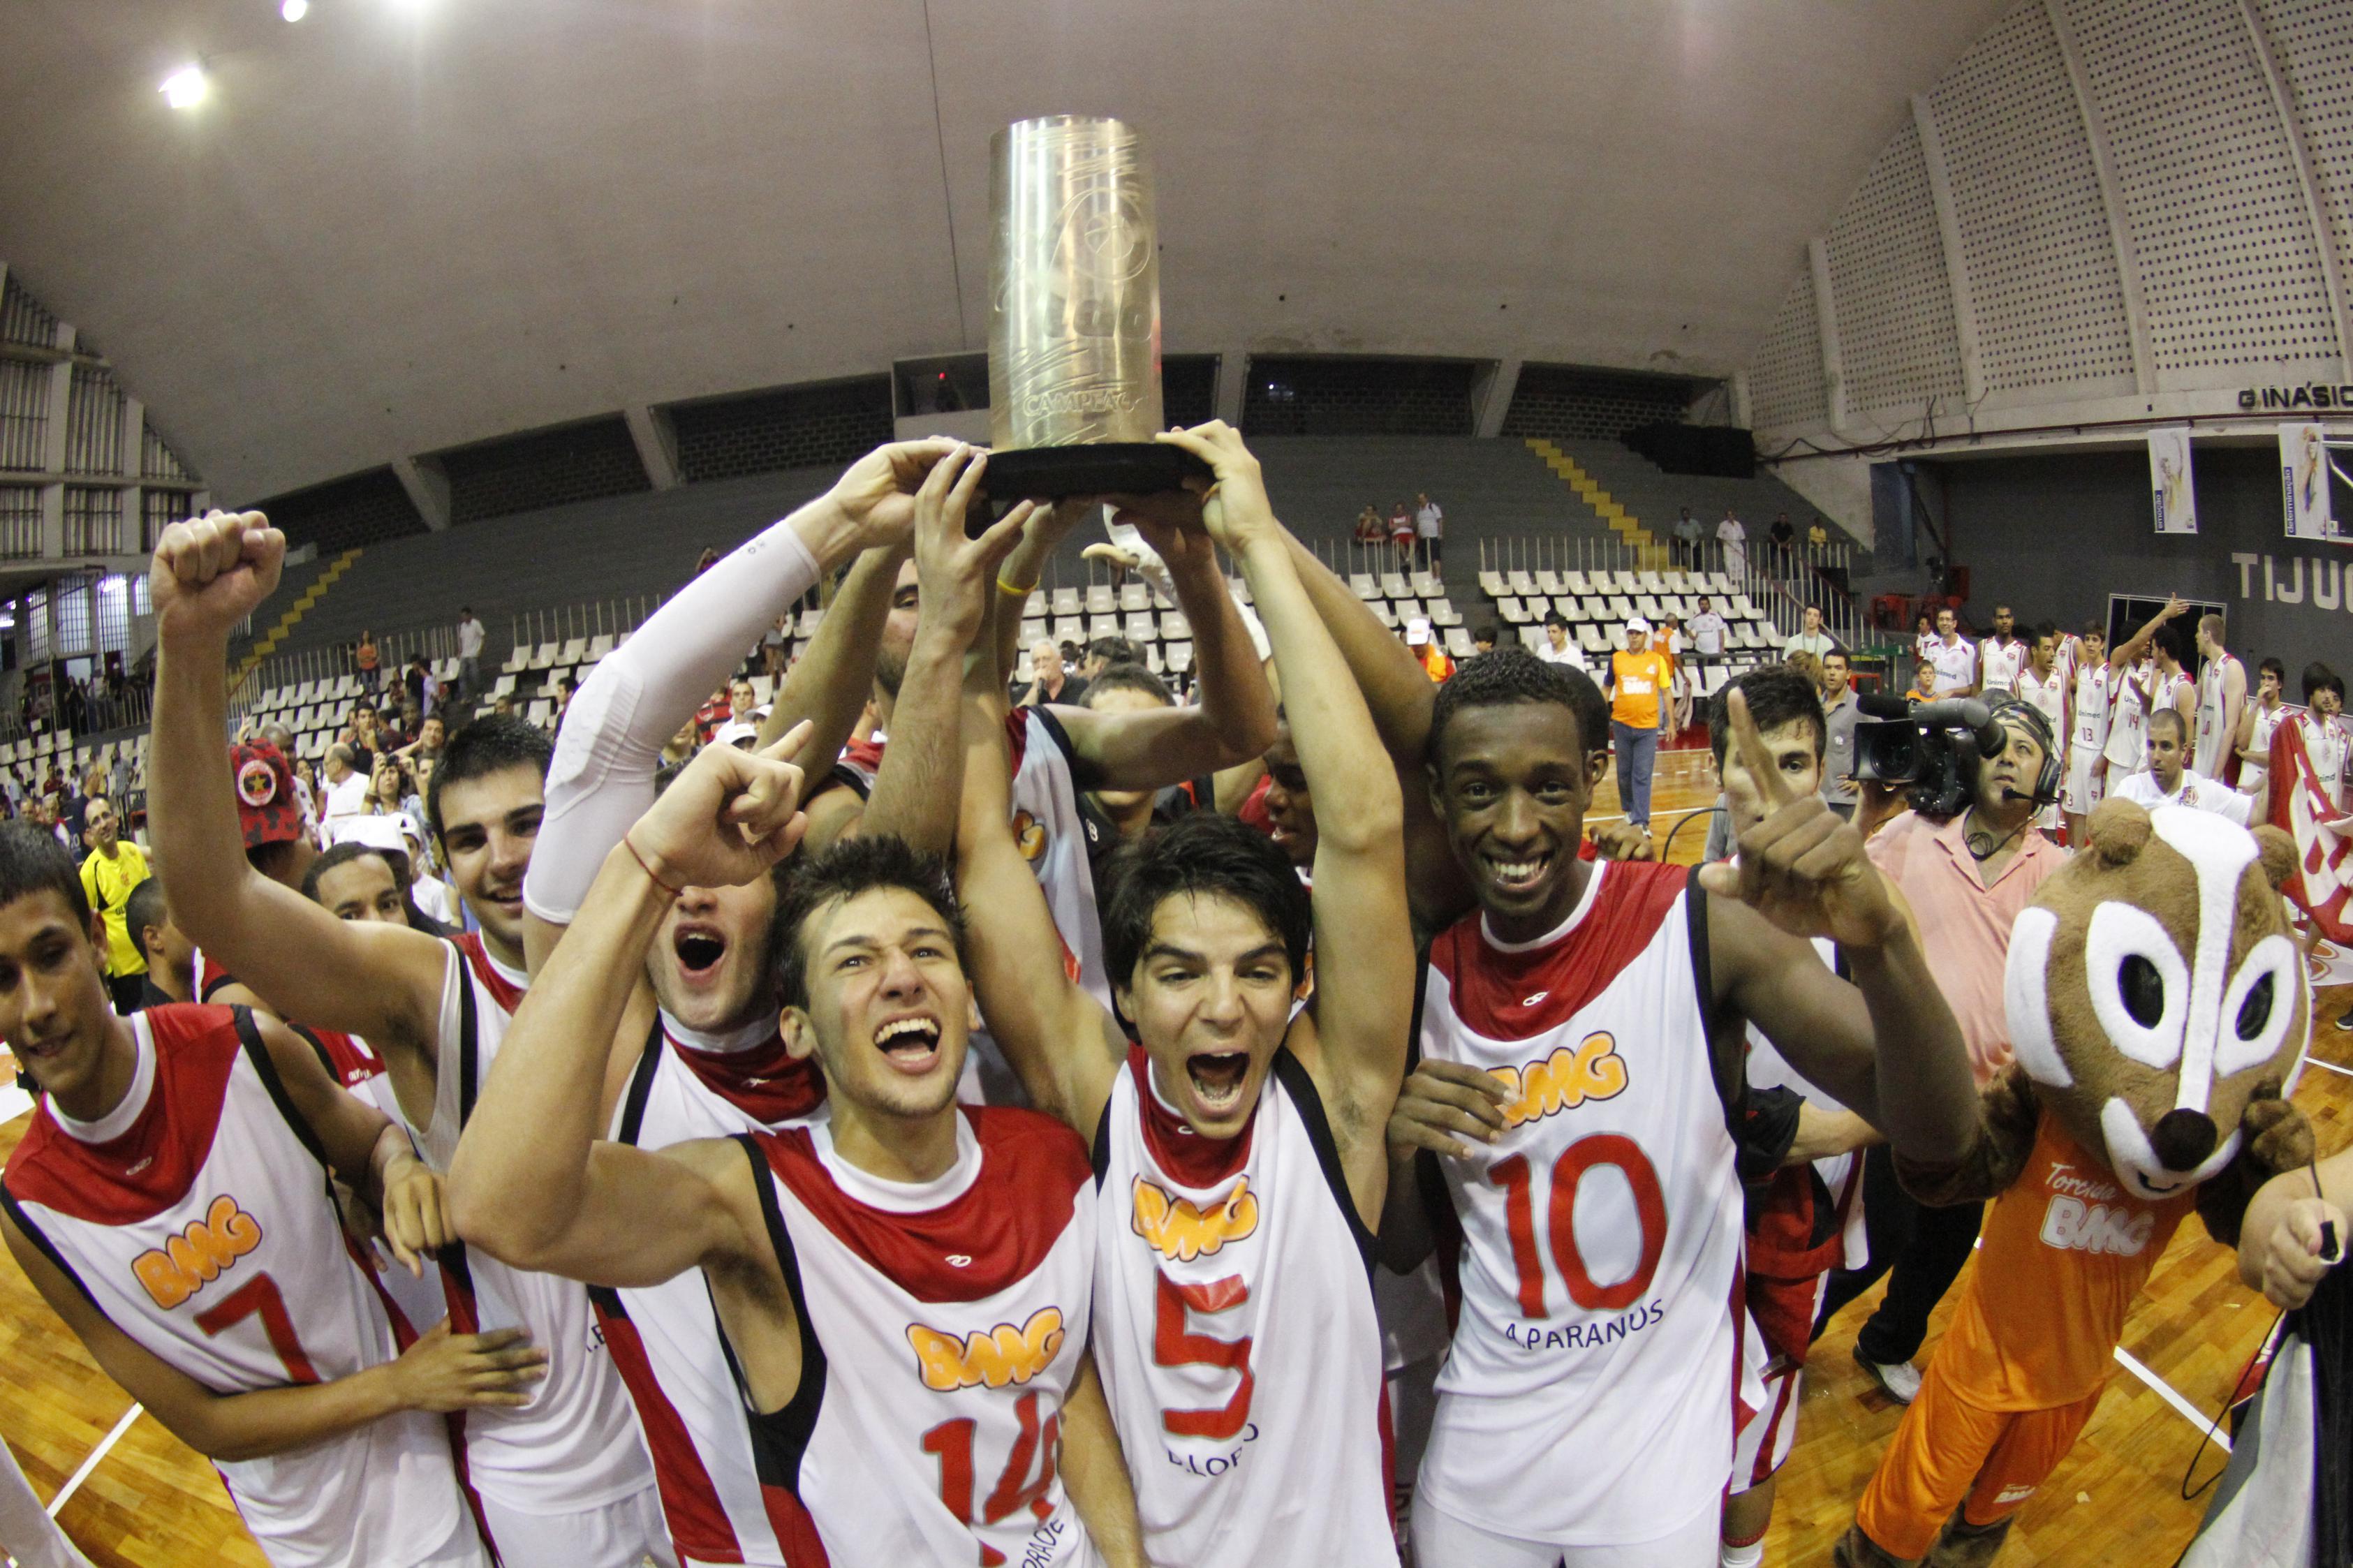 Flamengo campeão da LDO 2011